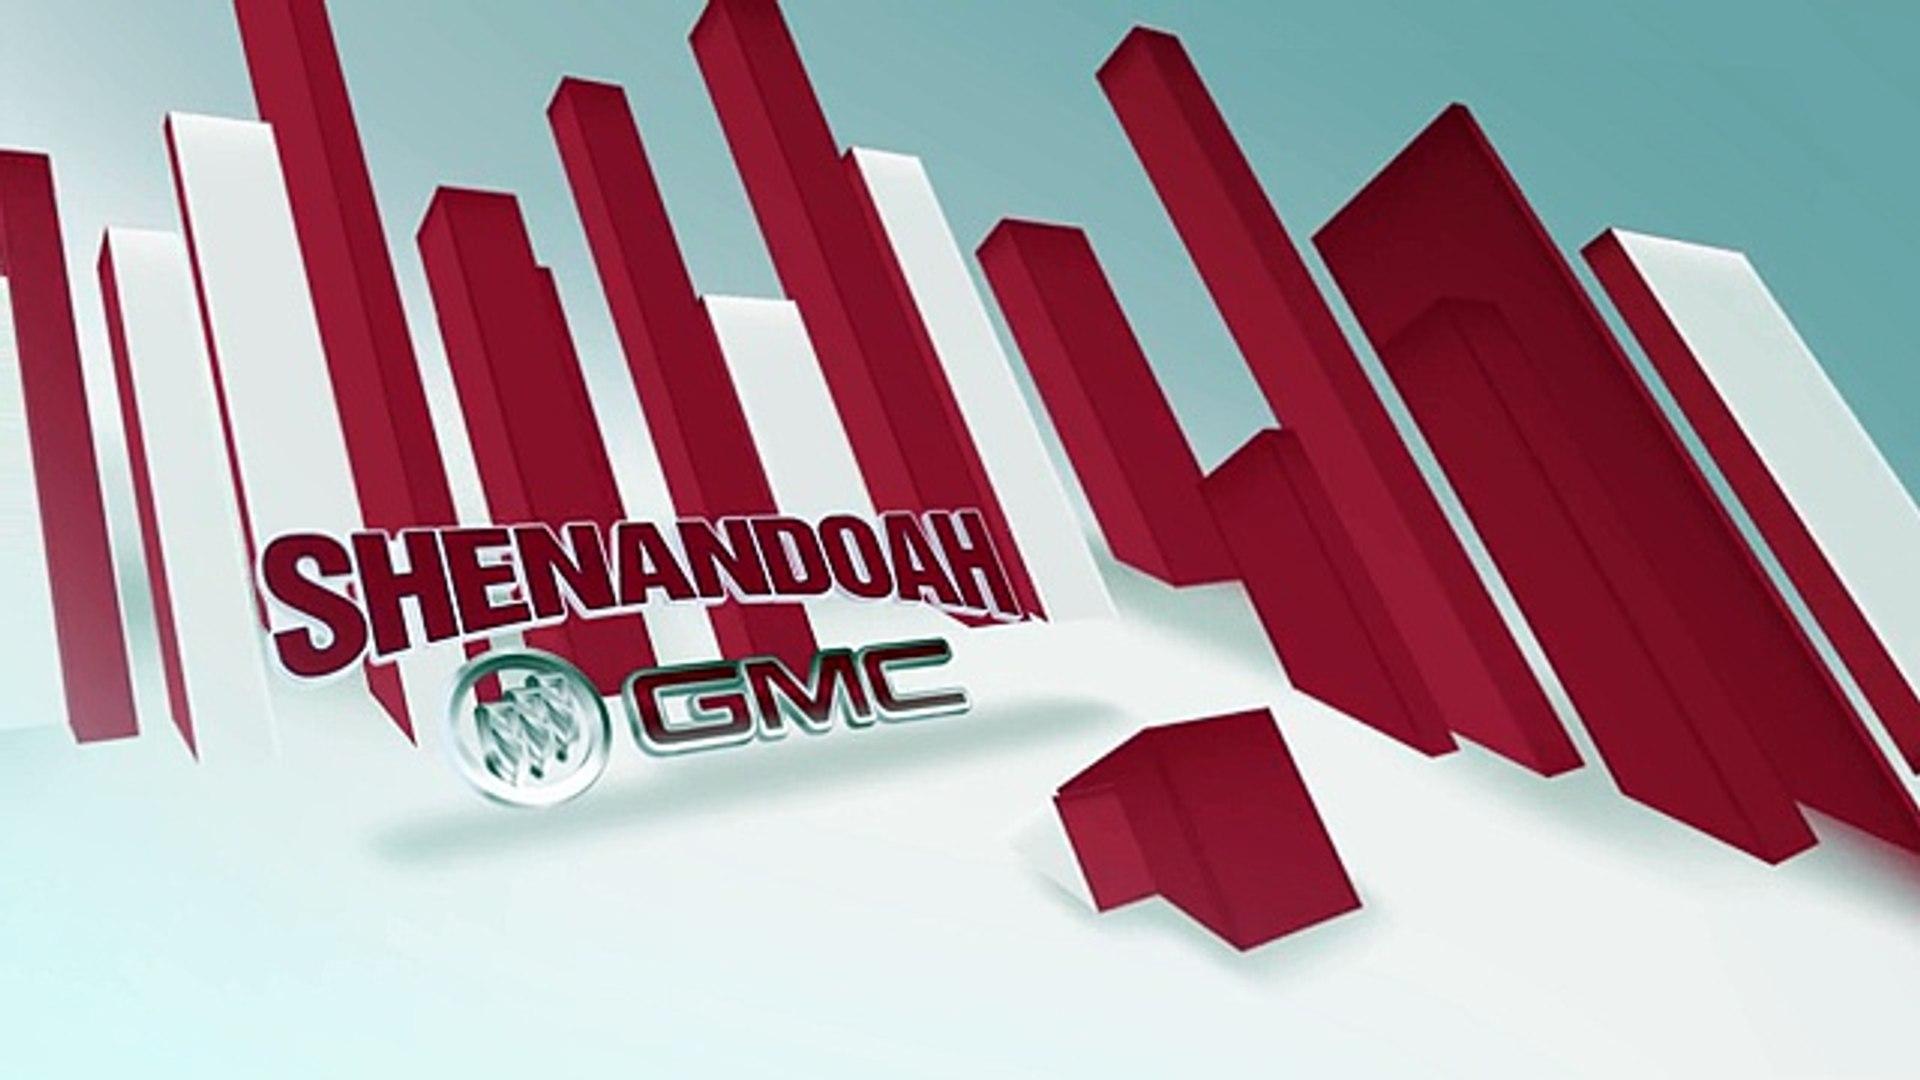 Shenandoah Buick GMC Reviews Front Royal  VA | Shenandoah Buick GMC  Front Royal  VA